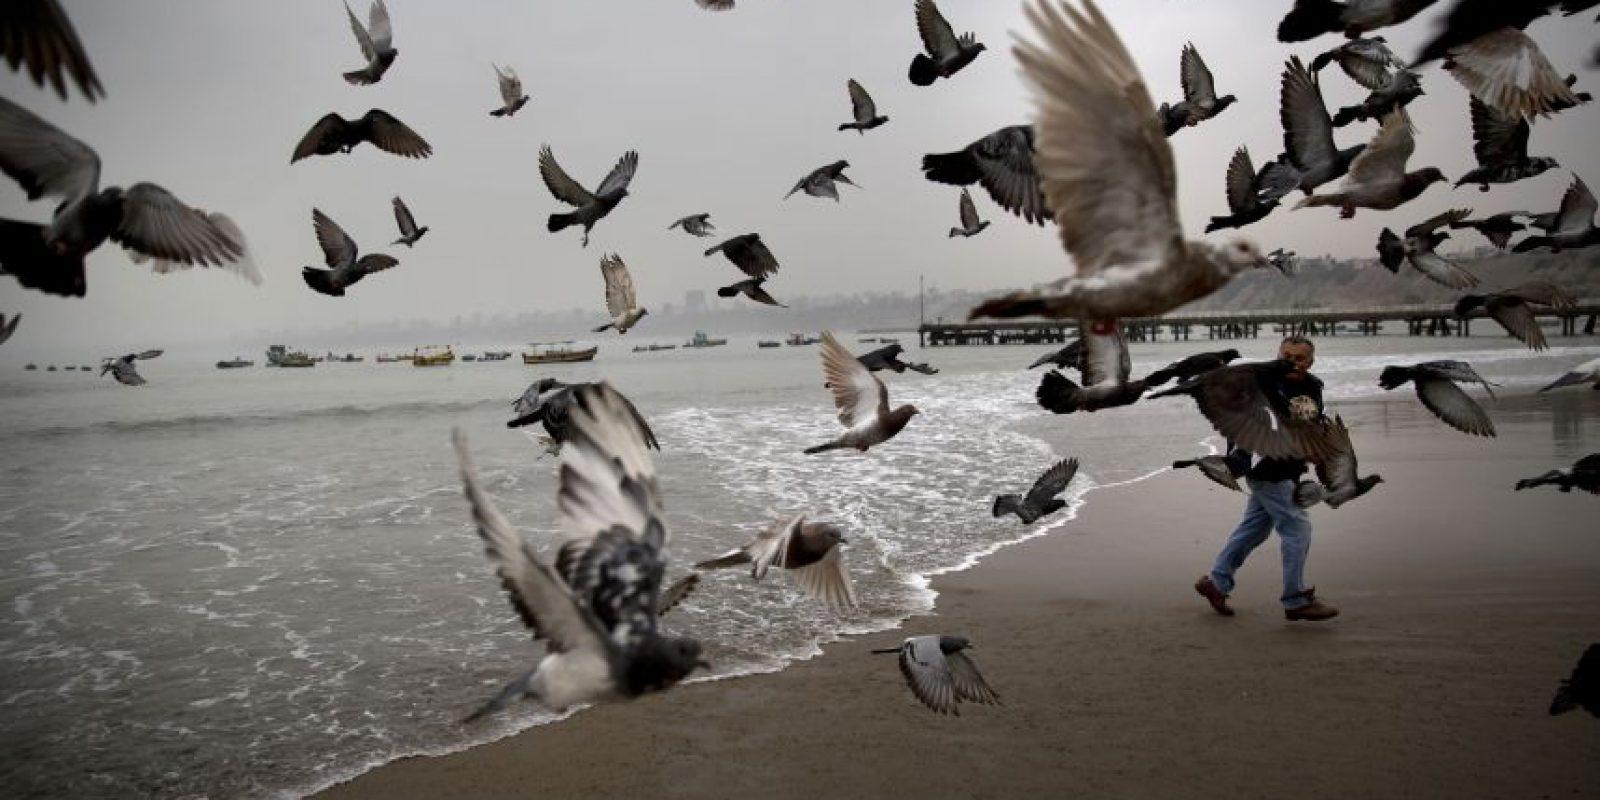 En esta imagen, tomada el 13 de mayo de 2015, Fabian Espinel alimenta a palomas en la playa Pescadores en Lima, Perú. Espinel, que va a la playa cada día a las 5:30 am for desde hace diez años, dice que usa el mar para ayudar a tratar su gota. El hombre, de 65 años, apunta que el mar el esencial, cura y da fuerza. Foto:AP/ Rodrigo Abd